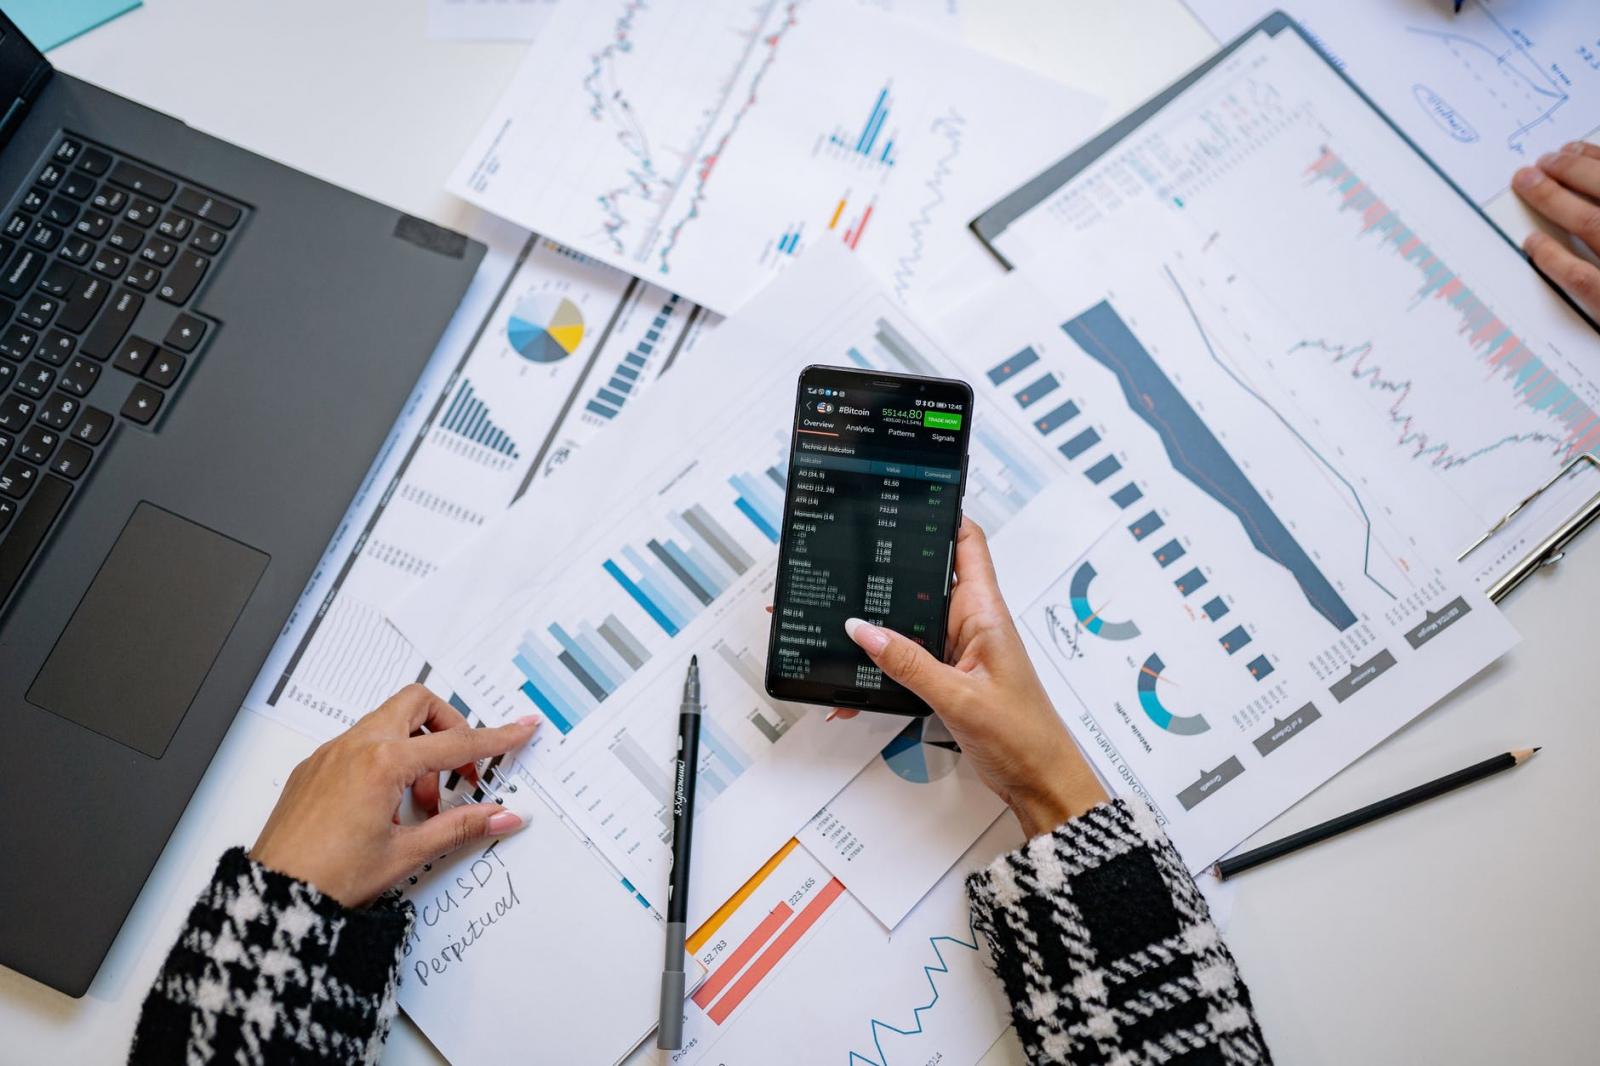 【理財專知】什麼是區間震盪指標?如何用它判斷股票價格趨勢